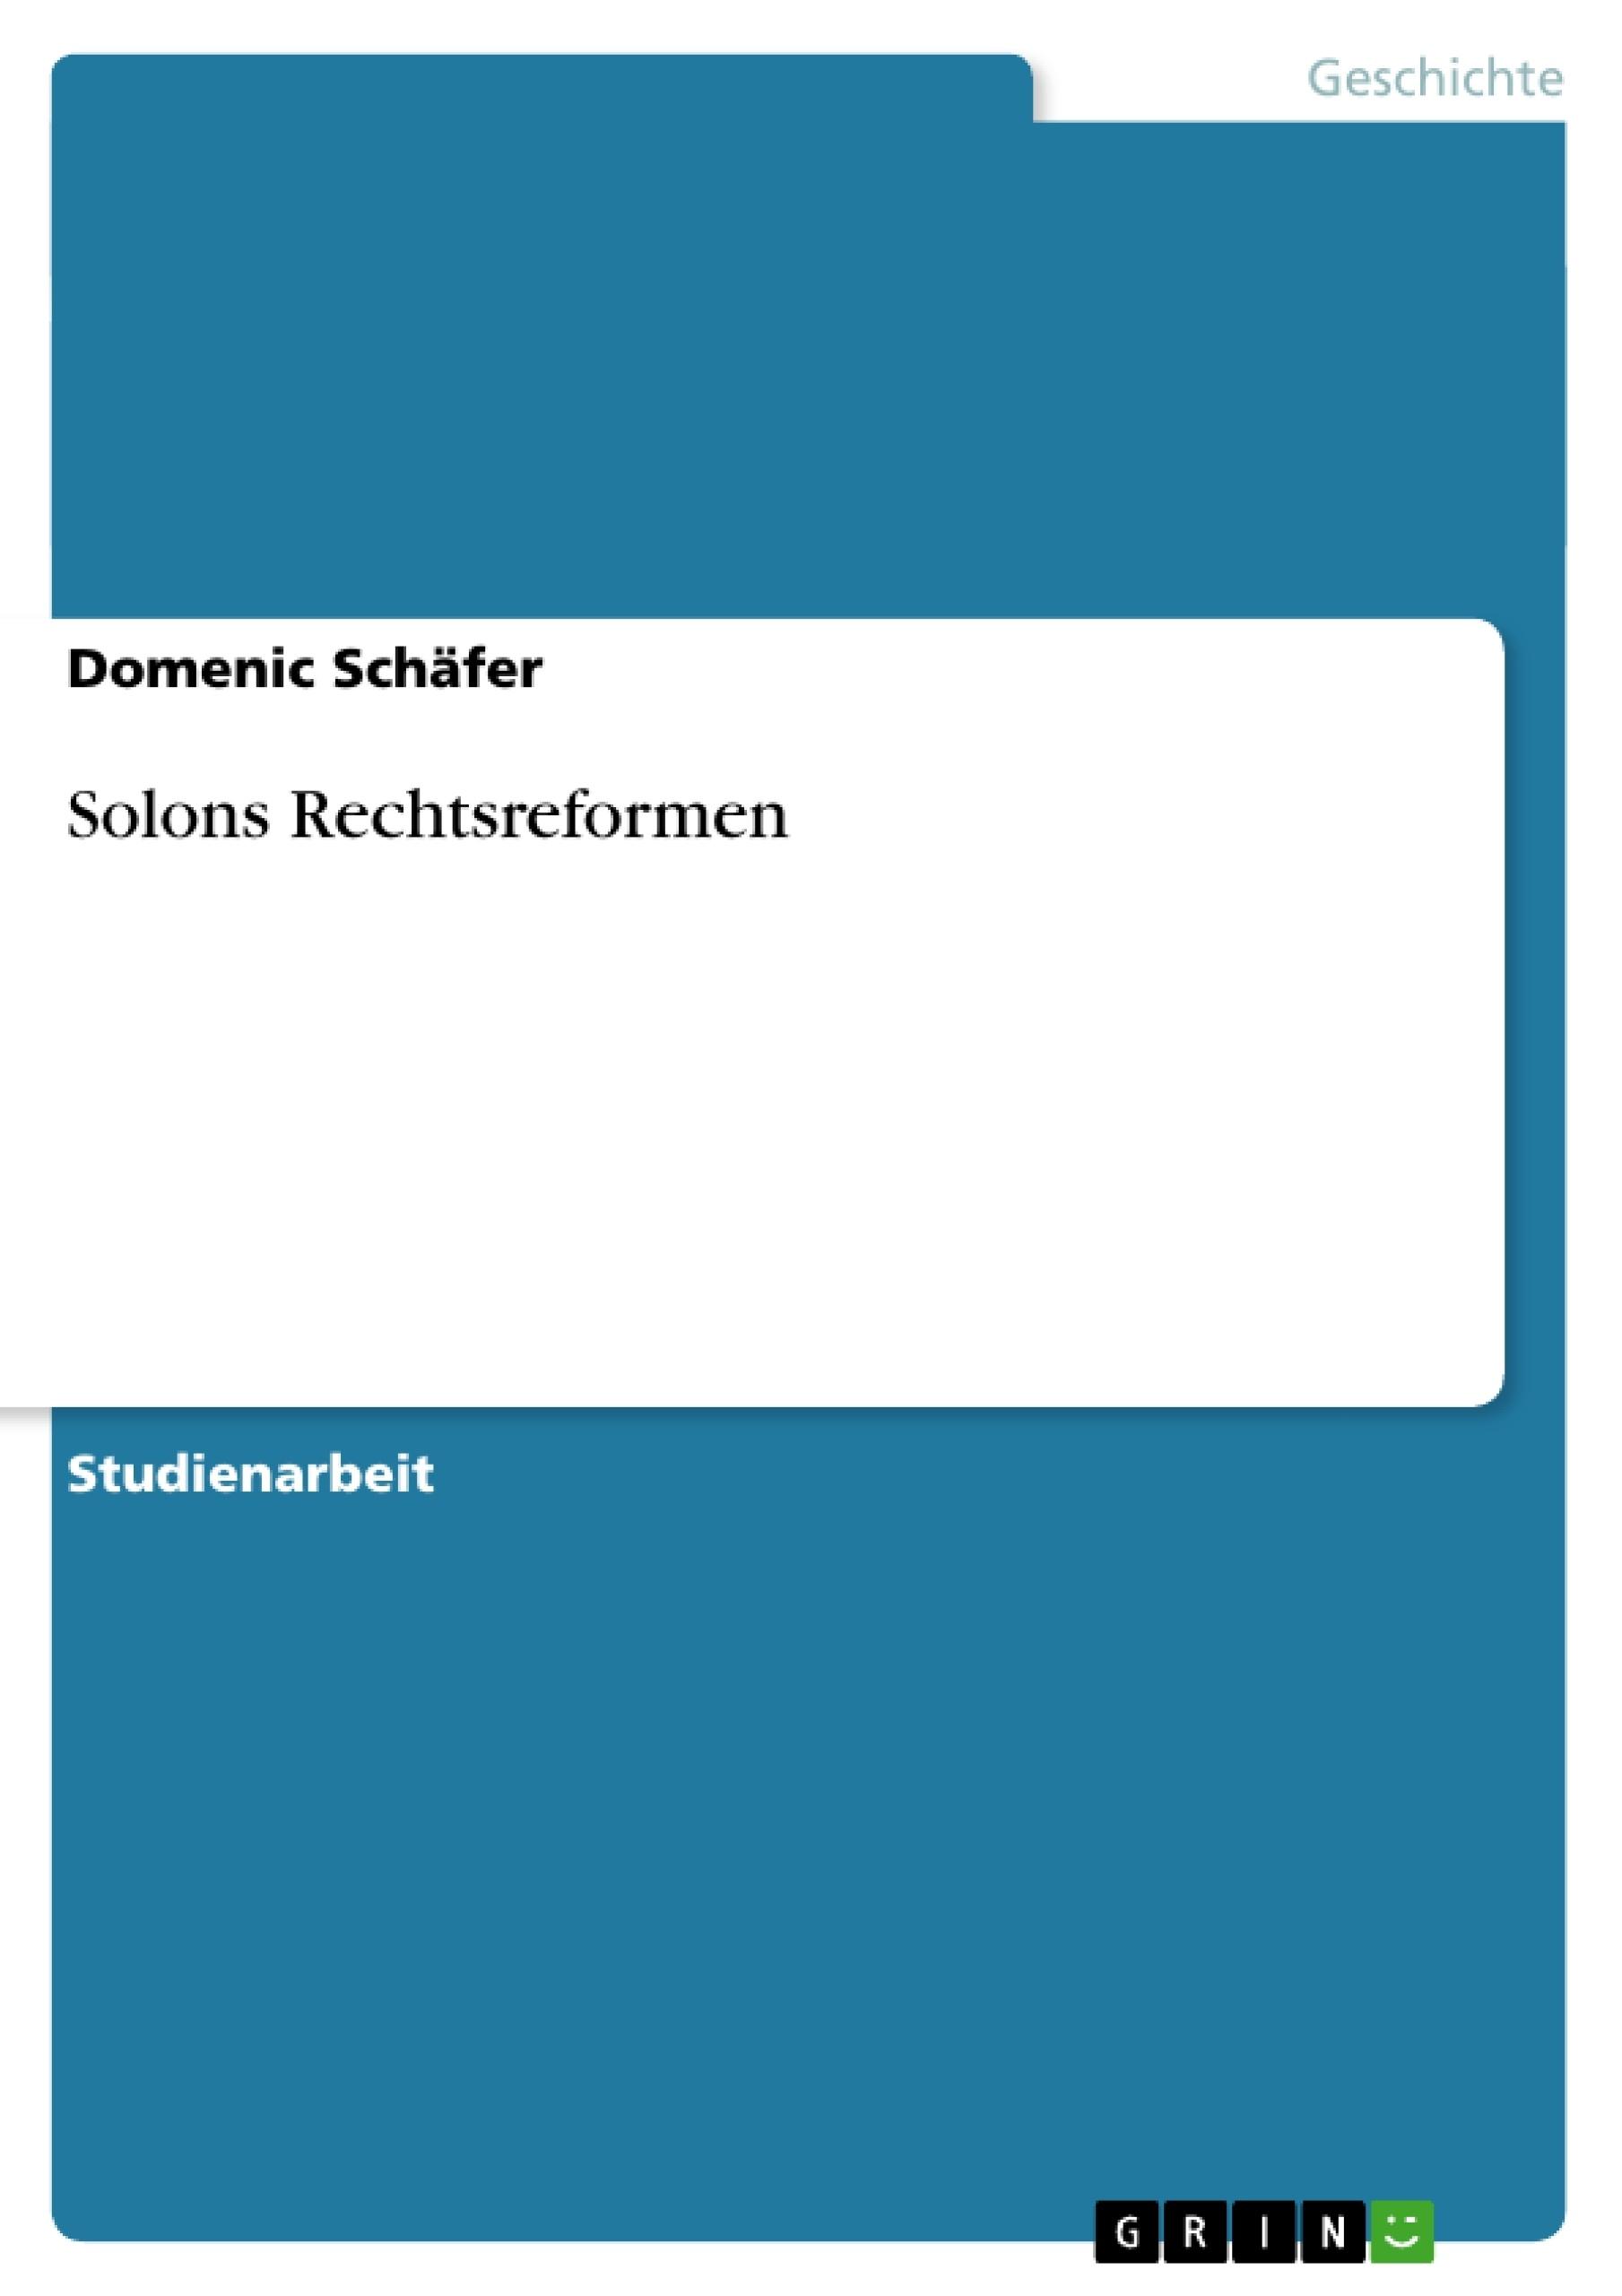 Titel: Solons Rechtsreformen